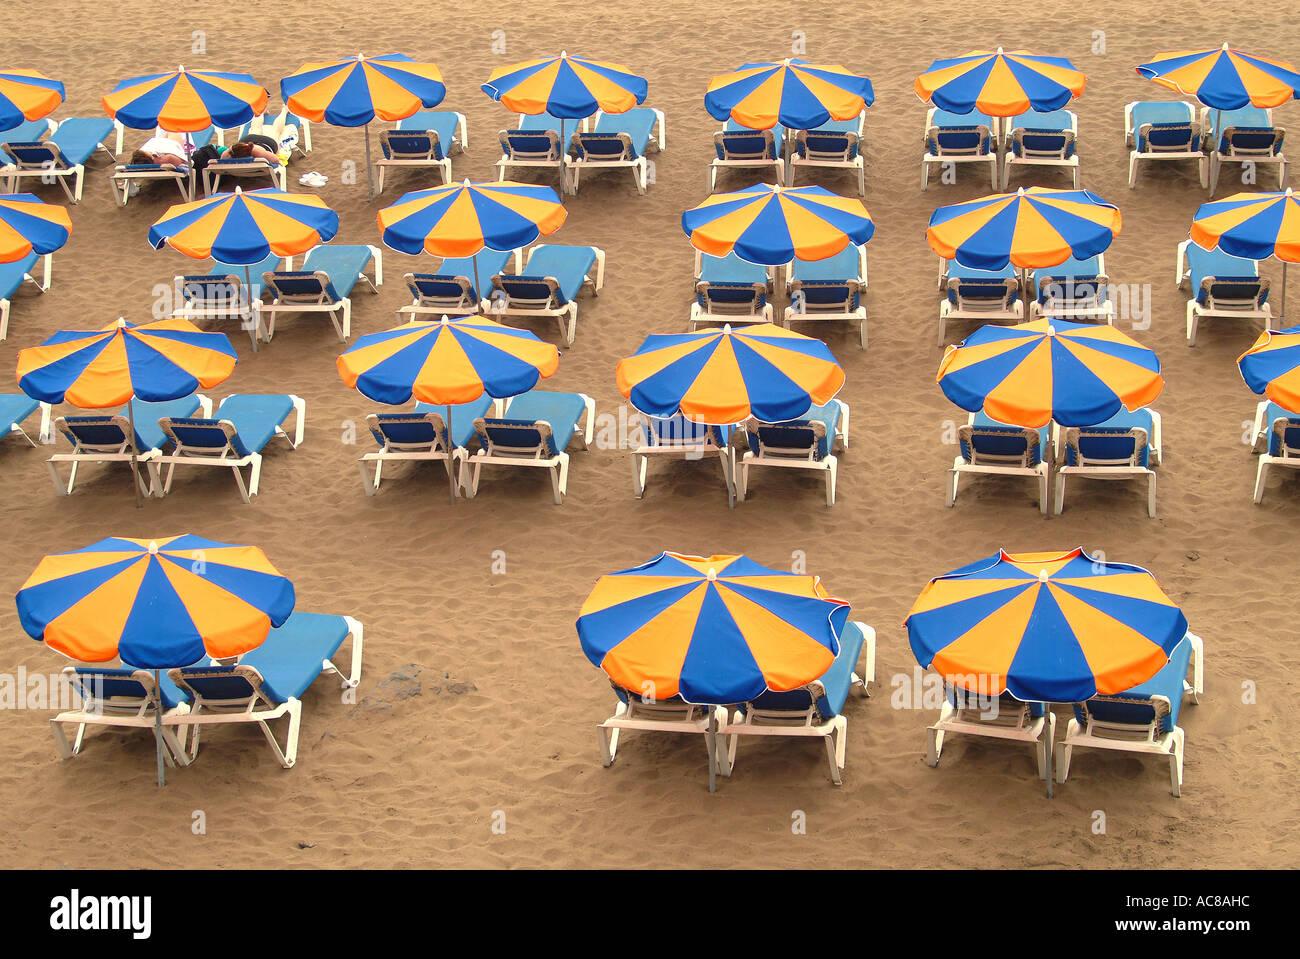 Strand mit Sonne Bildschirme Kanaren Sonnenschirme Strand Kanarische Inseln Stockbild